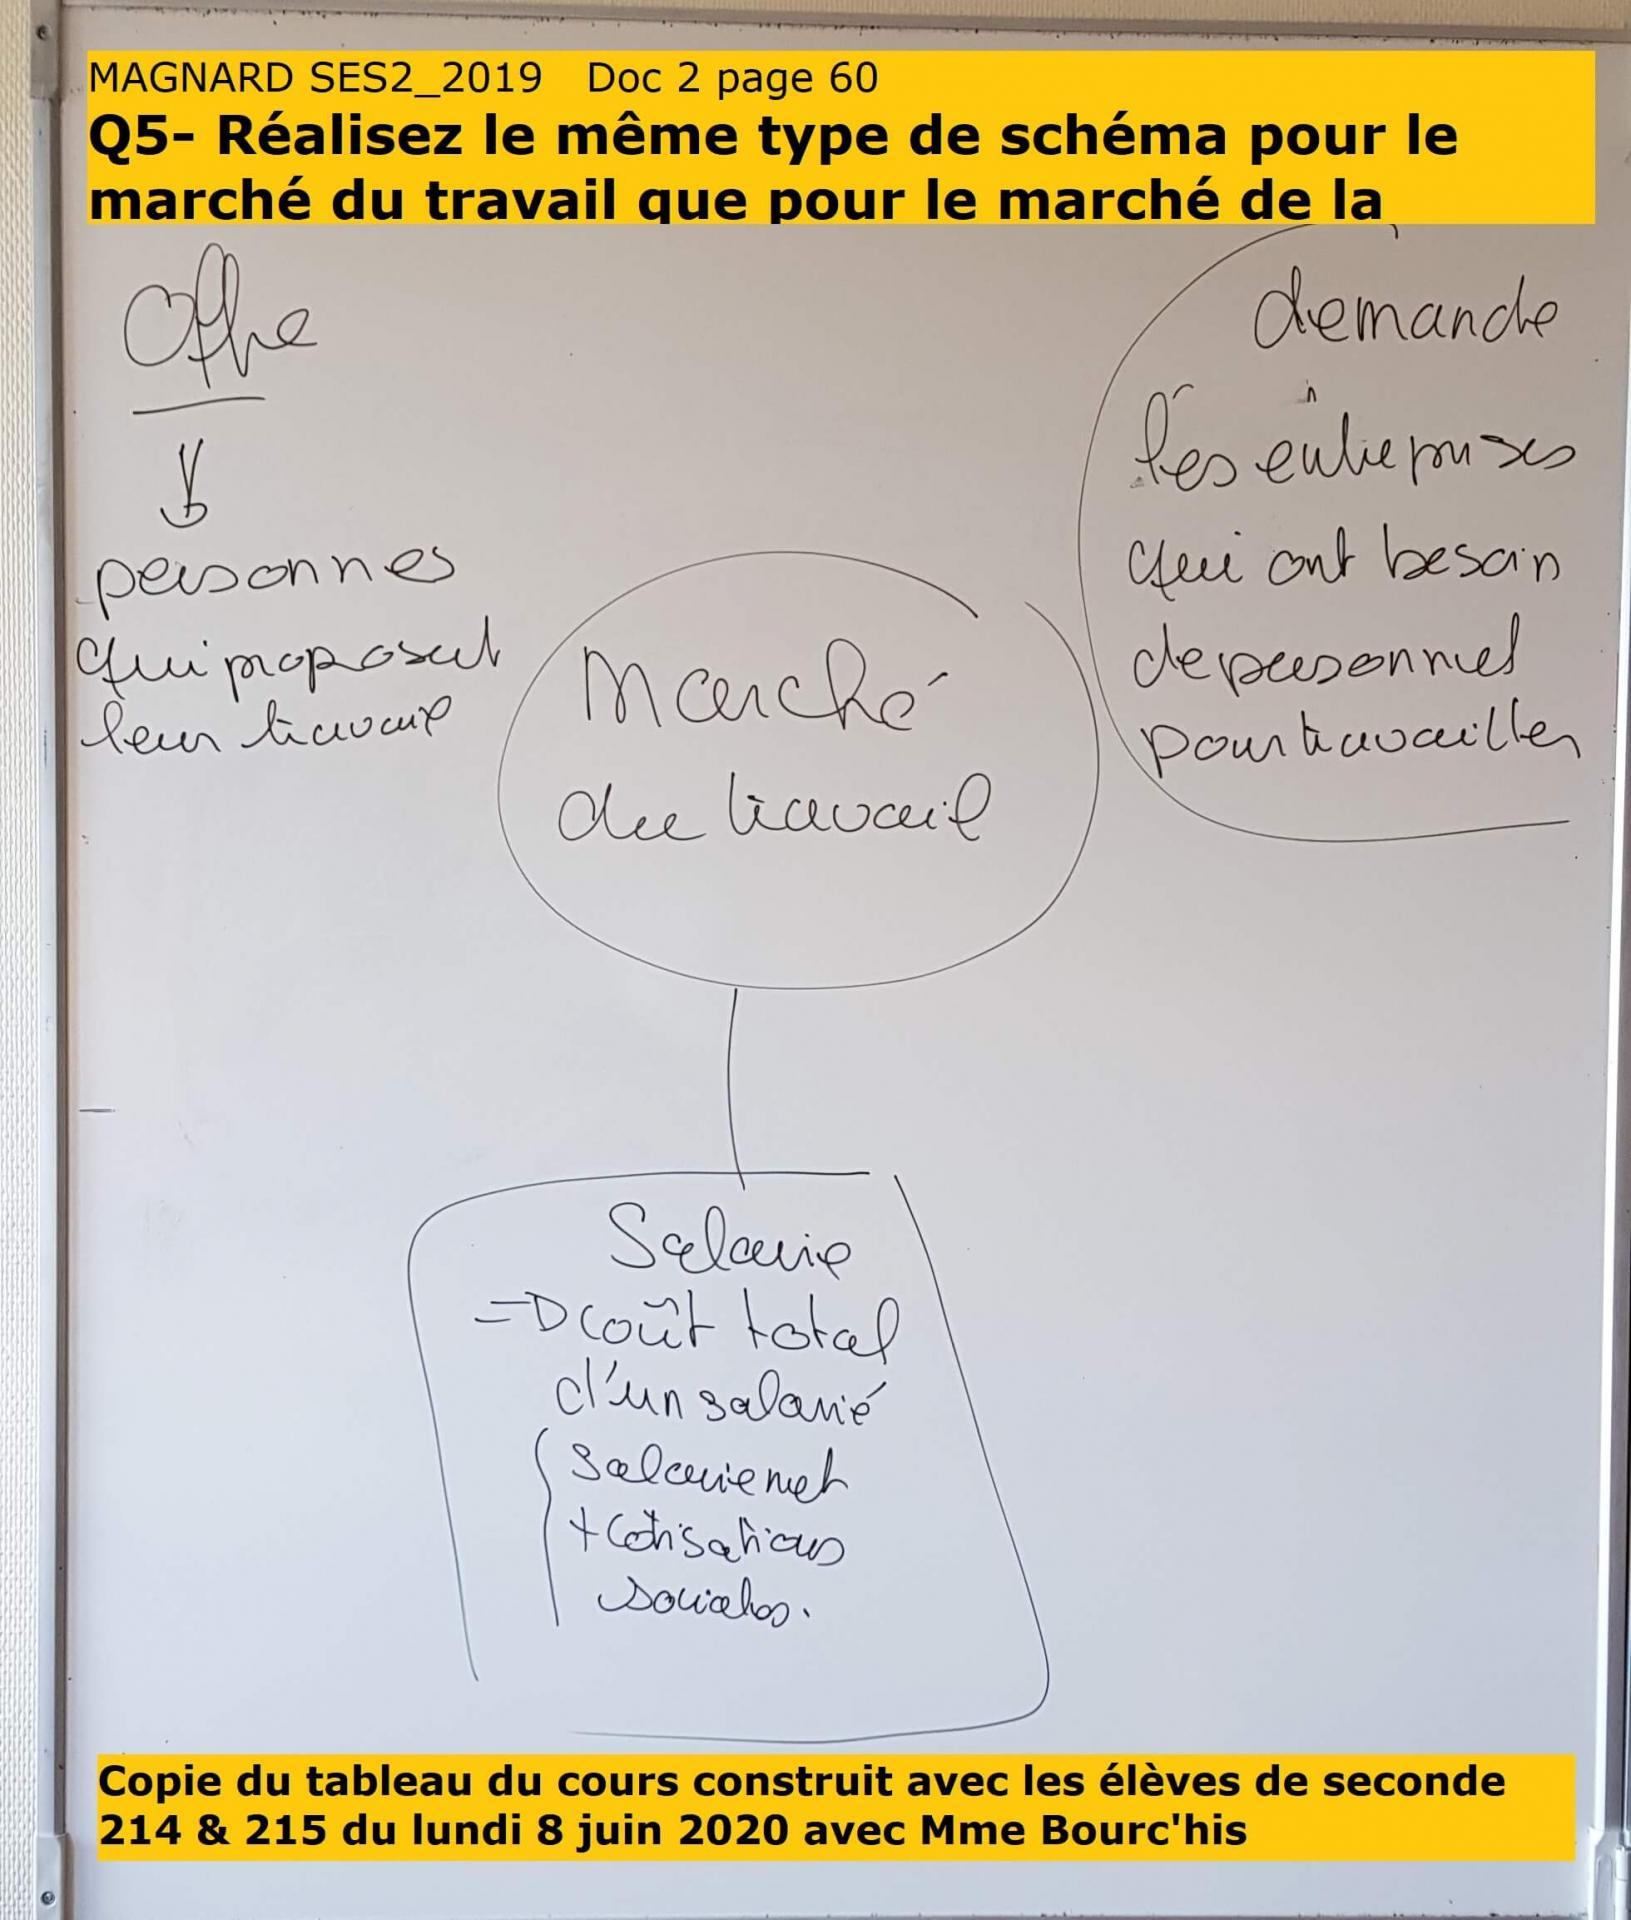 Tableau doc2 page 61 Q-5